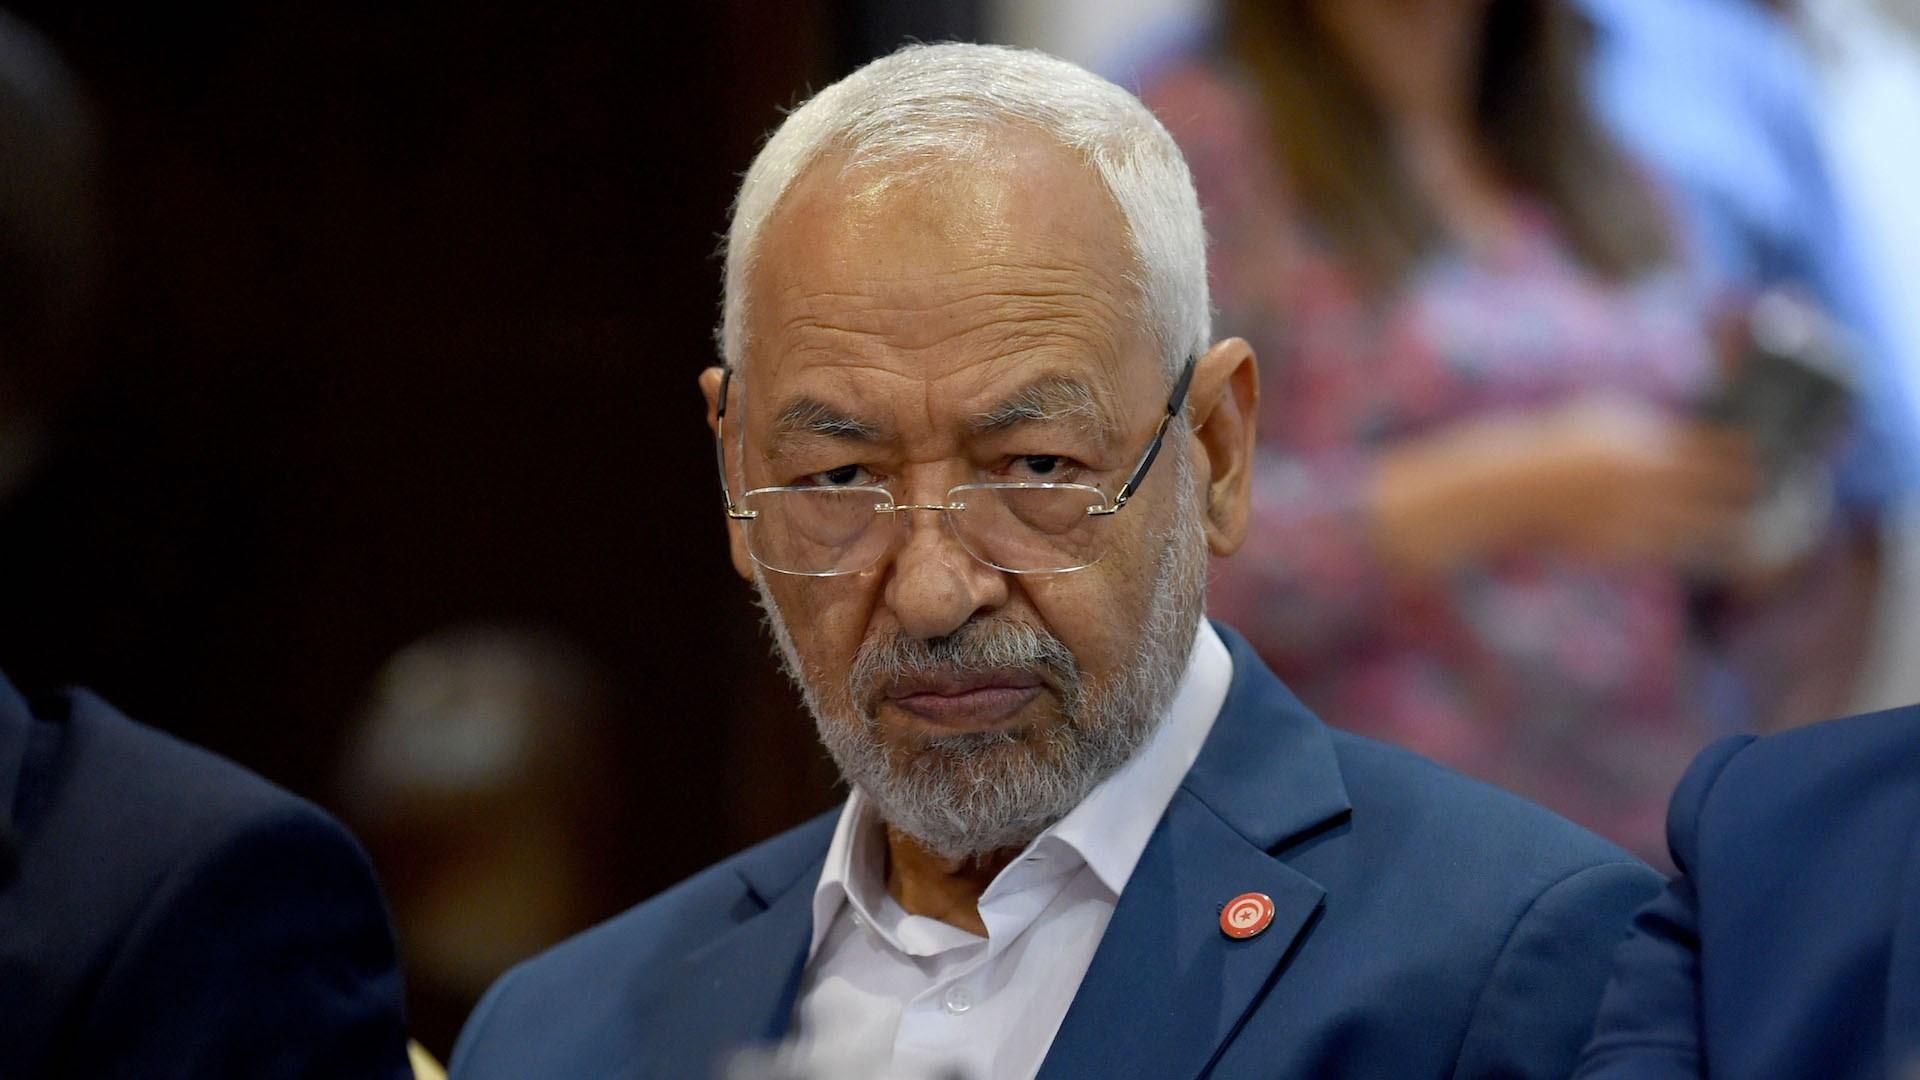 الغنوشي: ليس سهلاً الاحتفاظ بشعلة الثورة في تونس إلى اليوم